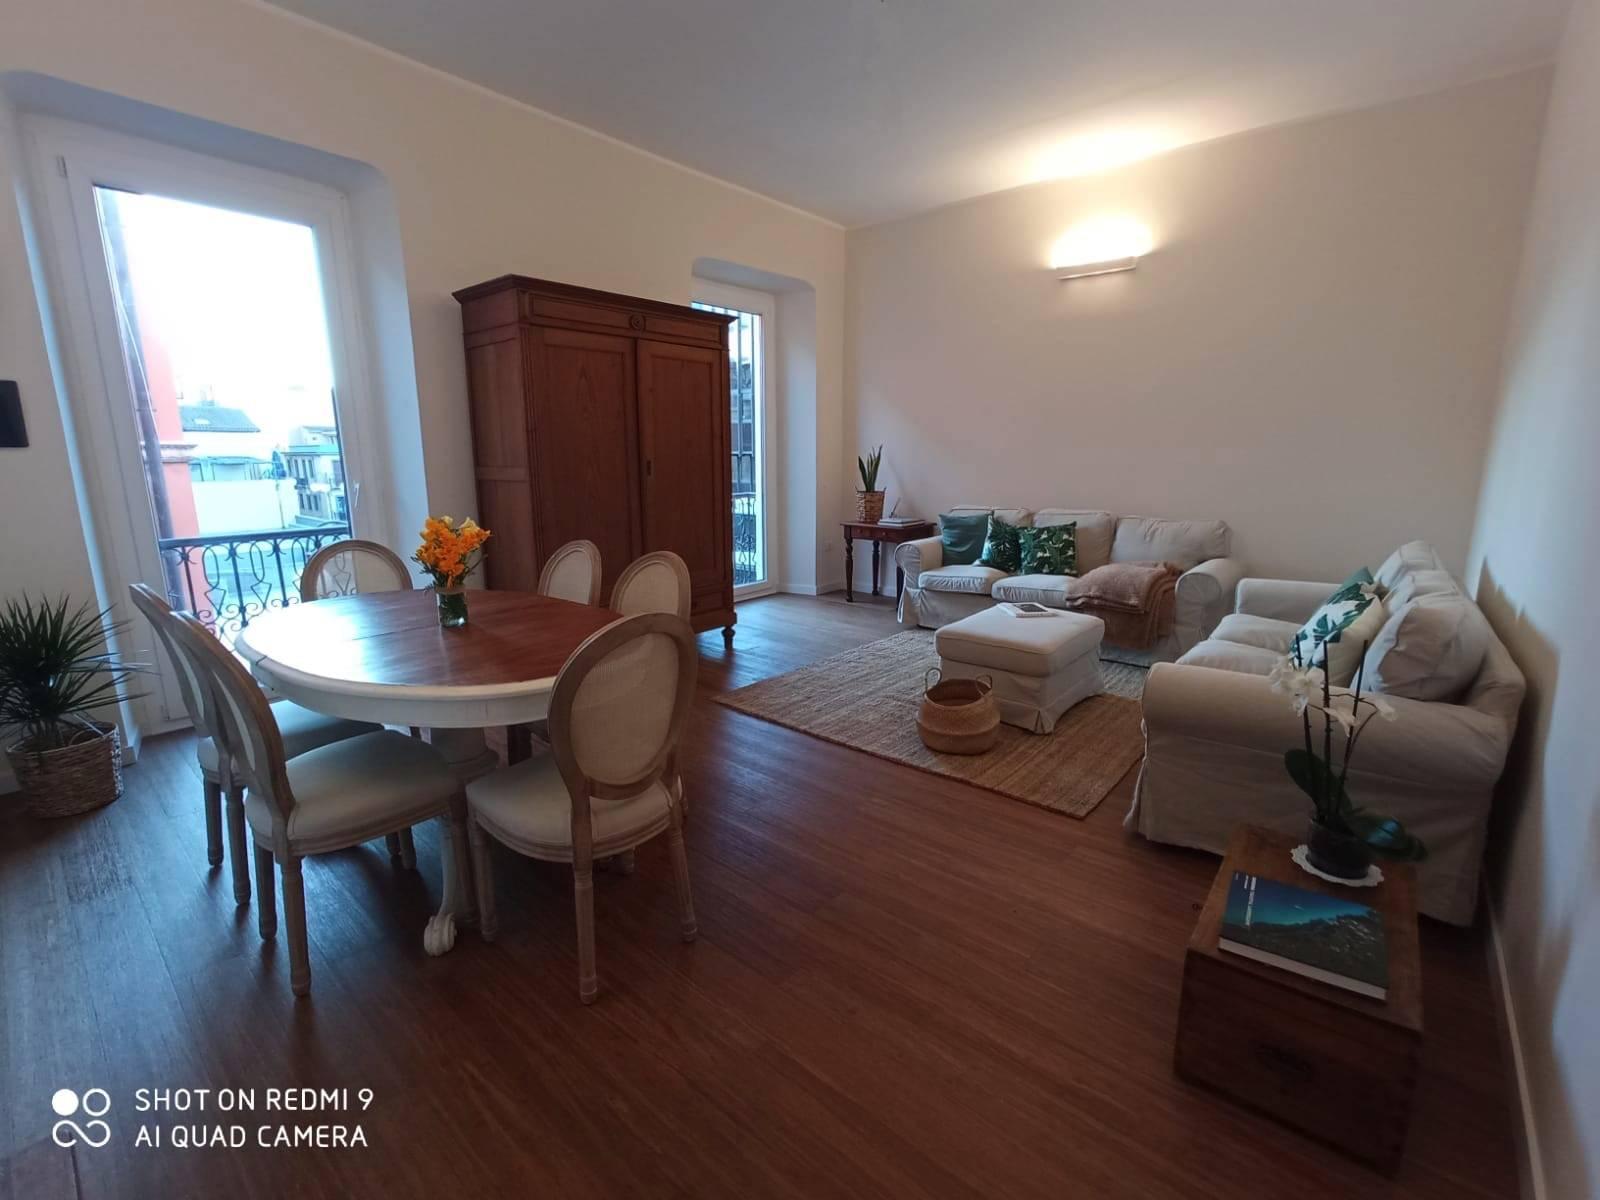 Appartamento in vendita a Cagliari, 4 locali, zona Località: Cagliari-Marina/Stampace, prezzo € 295.000   CambioCasa.it